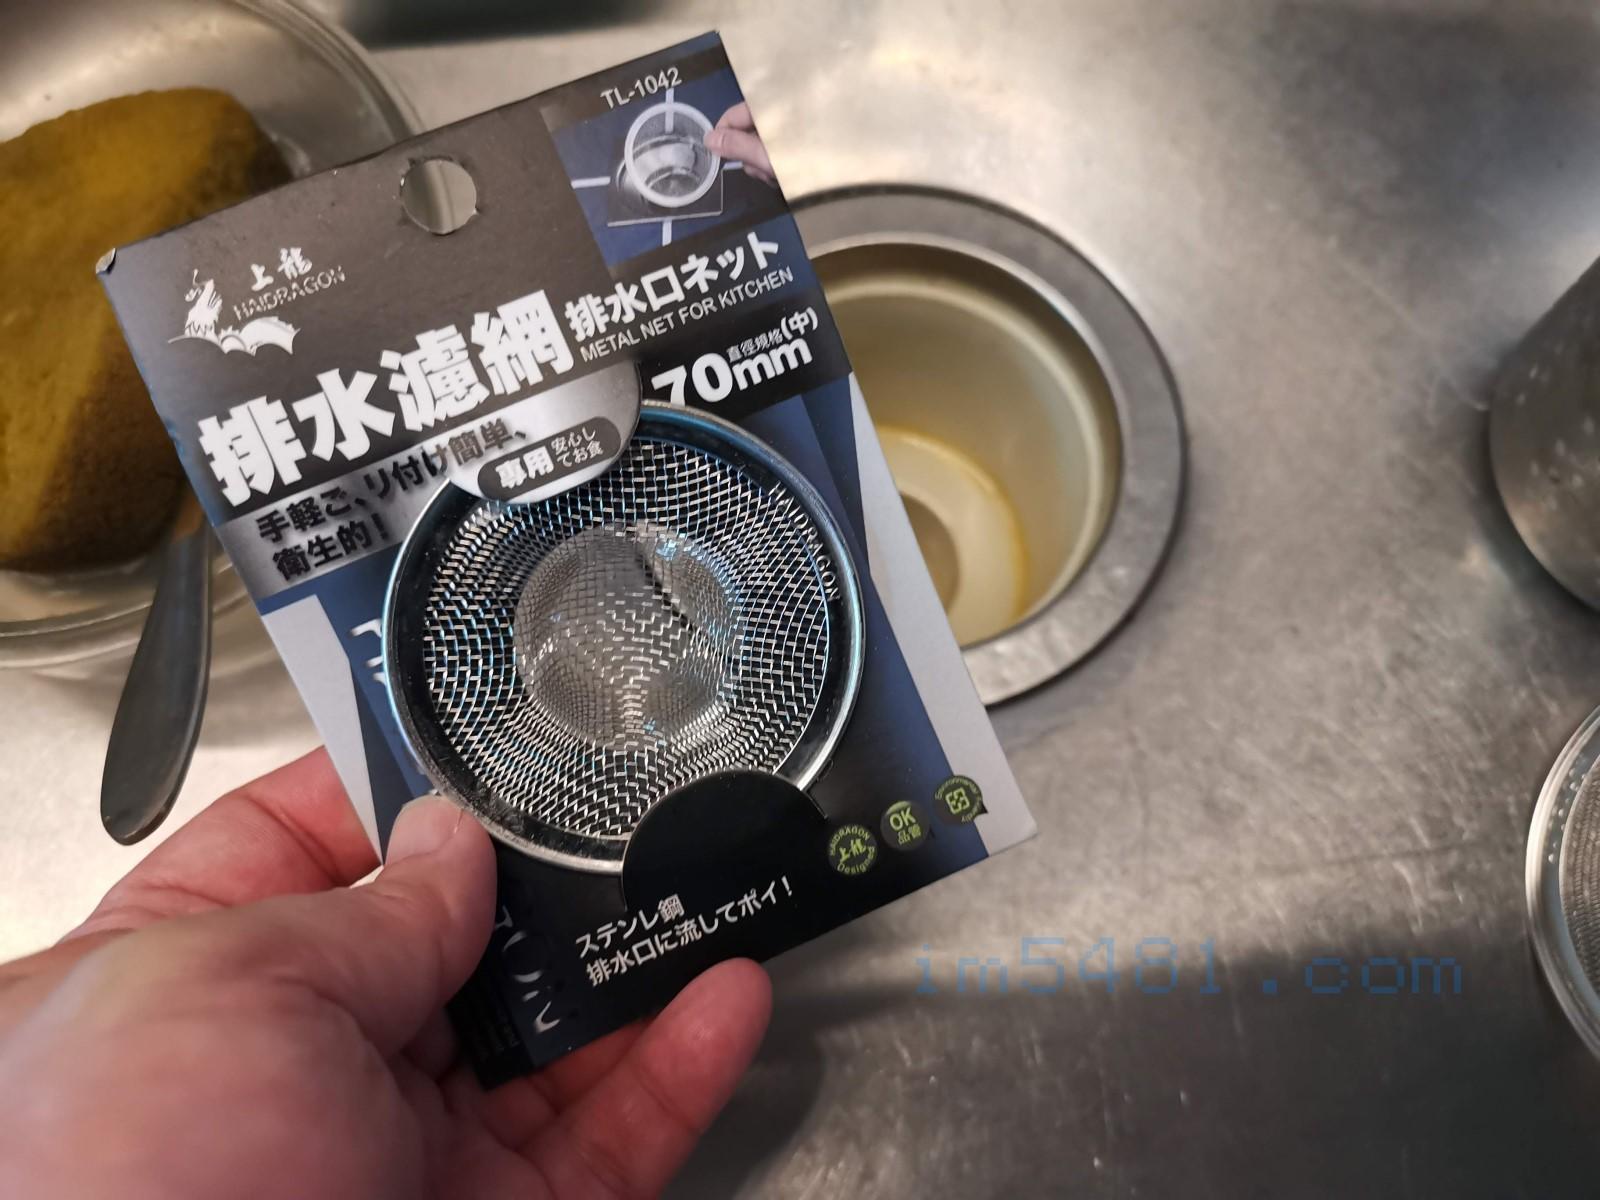 廚房水槽最底部排水口用不鏽鋼濾網